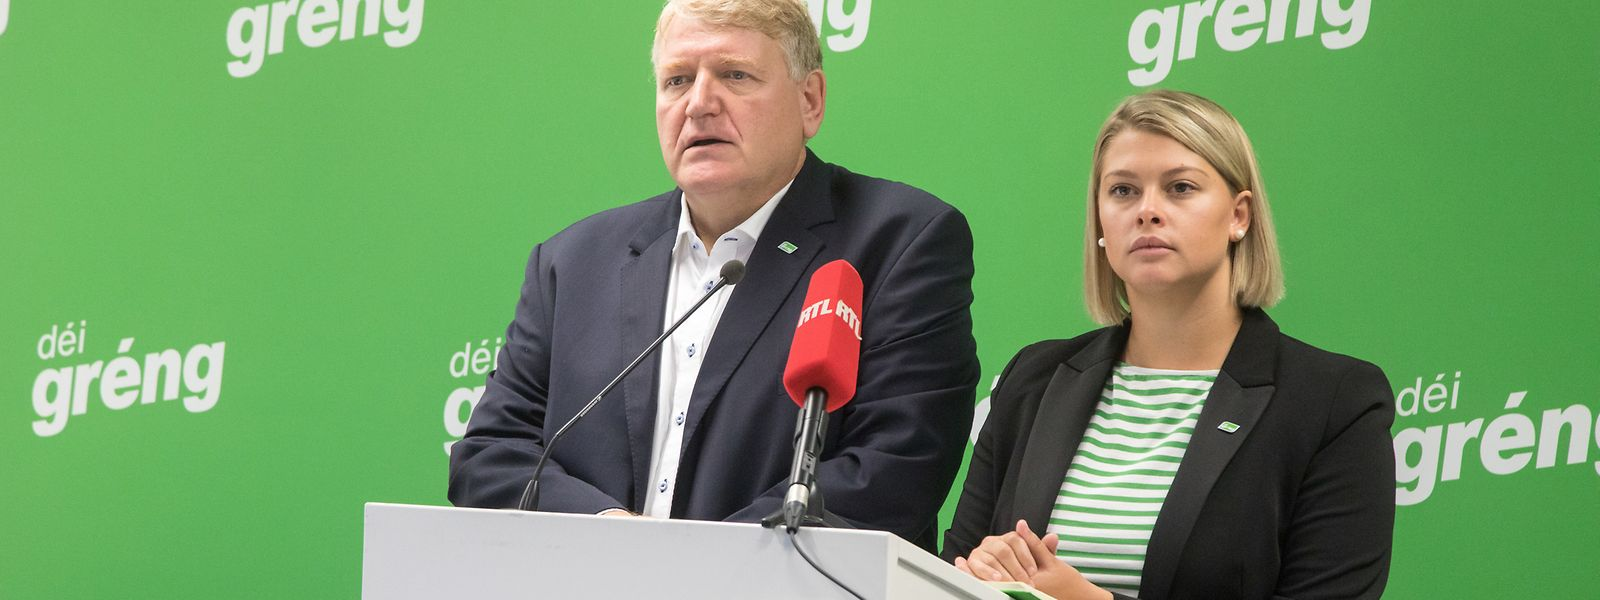 Die Parteipräsidenten von Déi Gréng, Christian Kmiotek und Djuna Bernard, während der Pressekonferenz am Mittwoch.